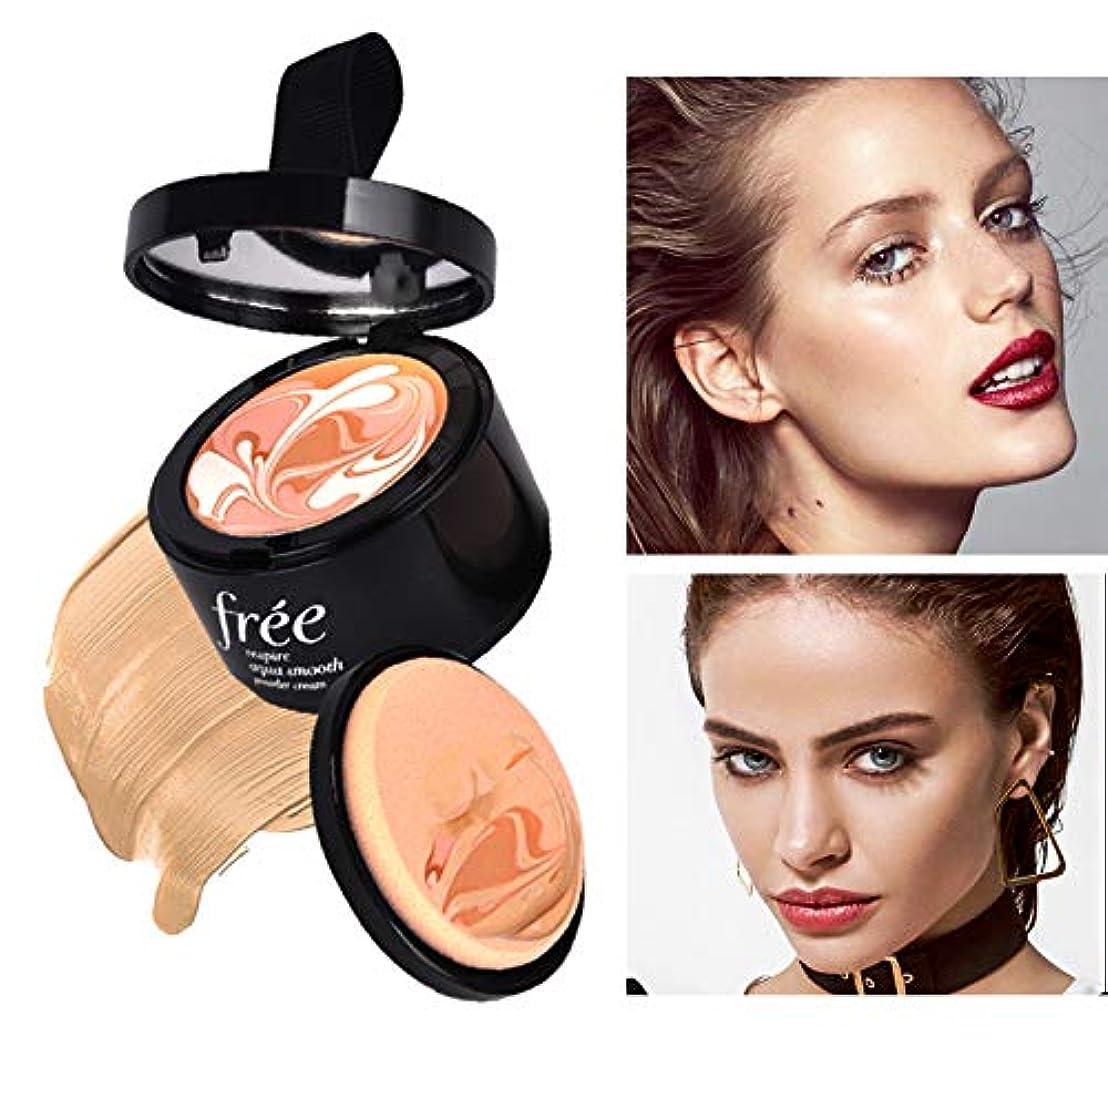 ちっちゃい配列ずっとFoundation Cream Concealer moisturizing Whitening flawless makeup For Face Beauty Base Makeup ファンデーションクリームコンシーラーモイスチャライジングホワイトニングフェイシャルメイクアップフェイシャルビューティベースメイクアップ